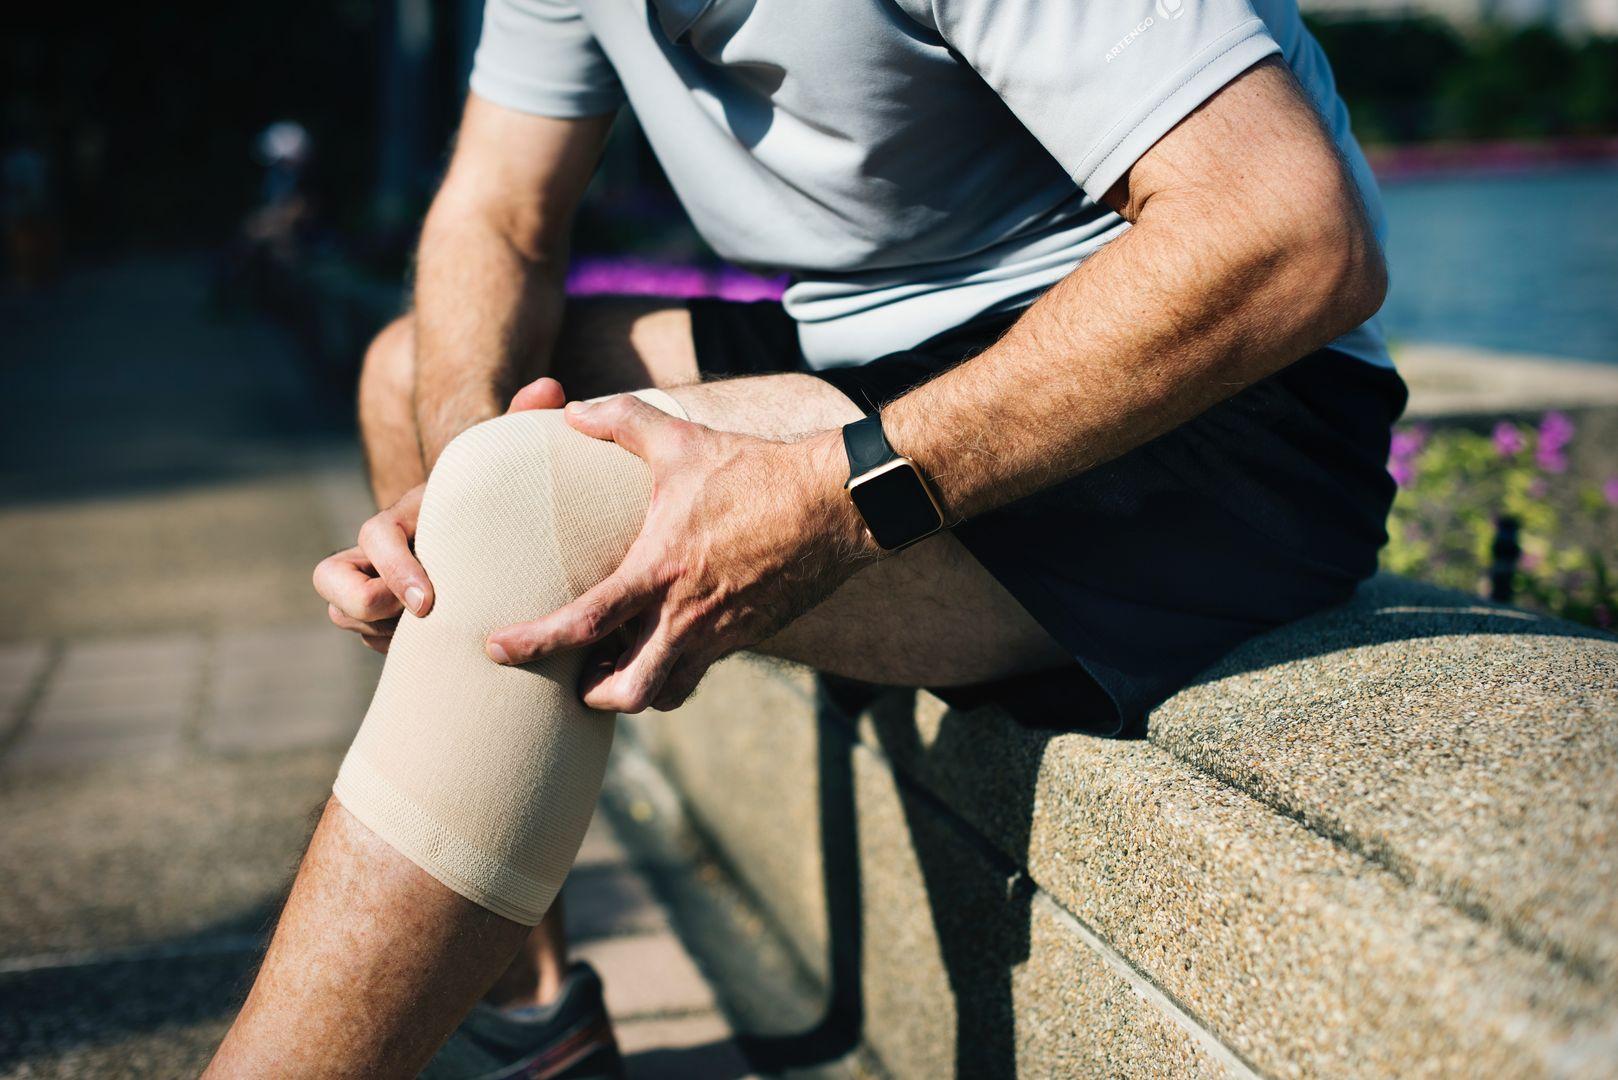 Βιολογική αντιμετώπιση για πόνο και φλεγμονή